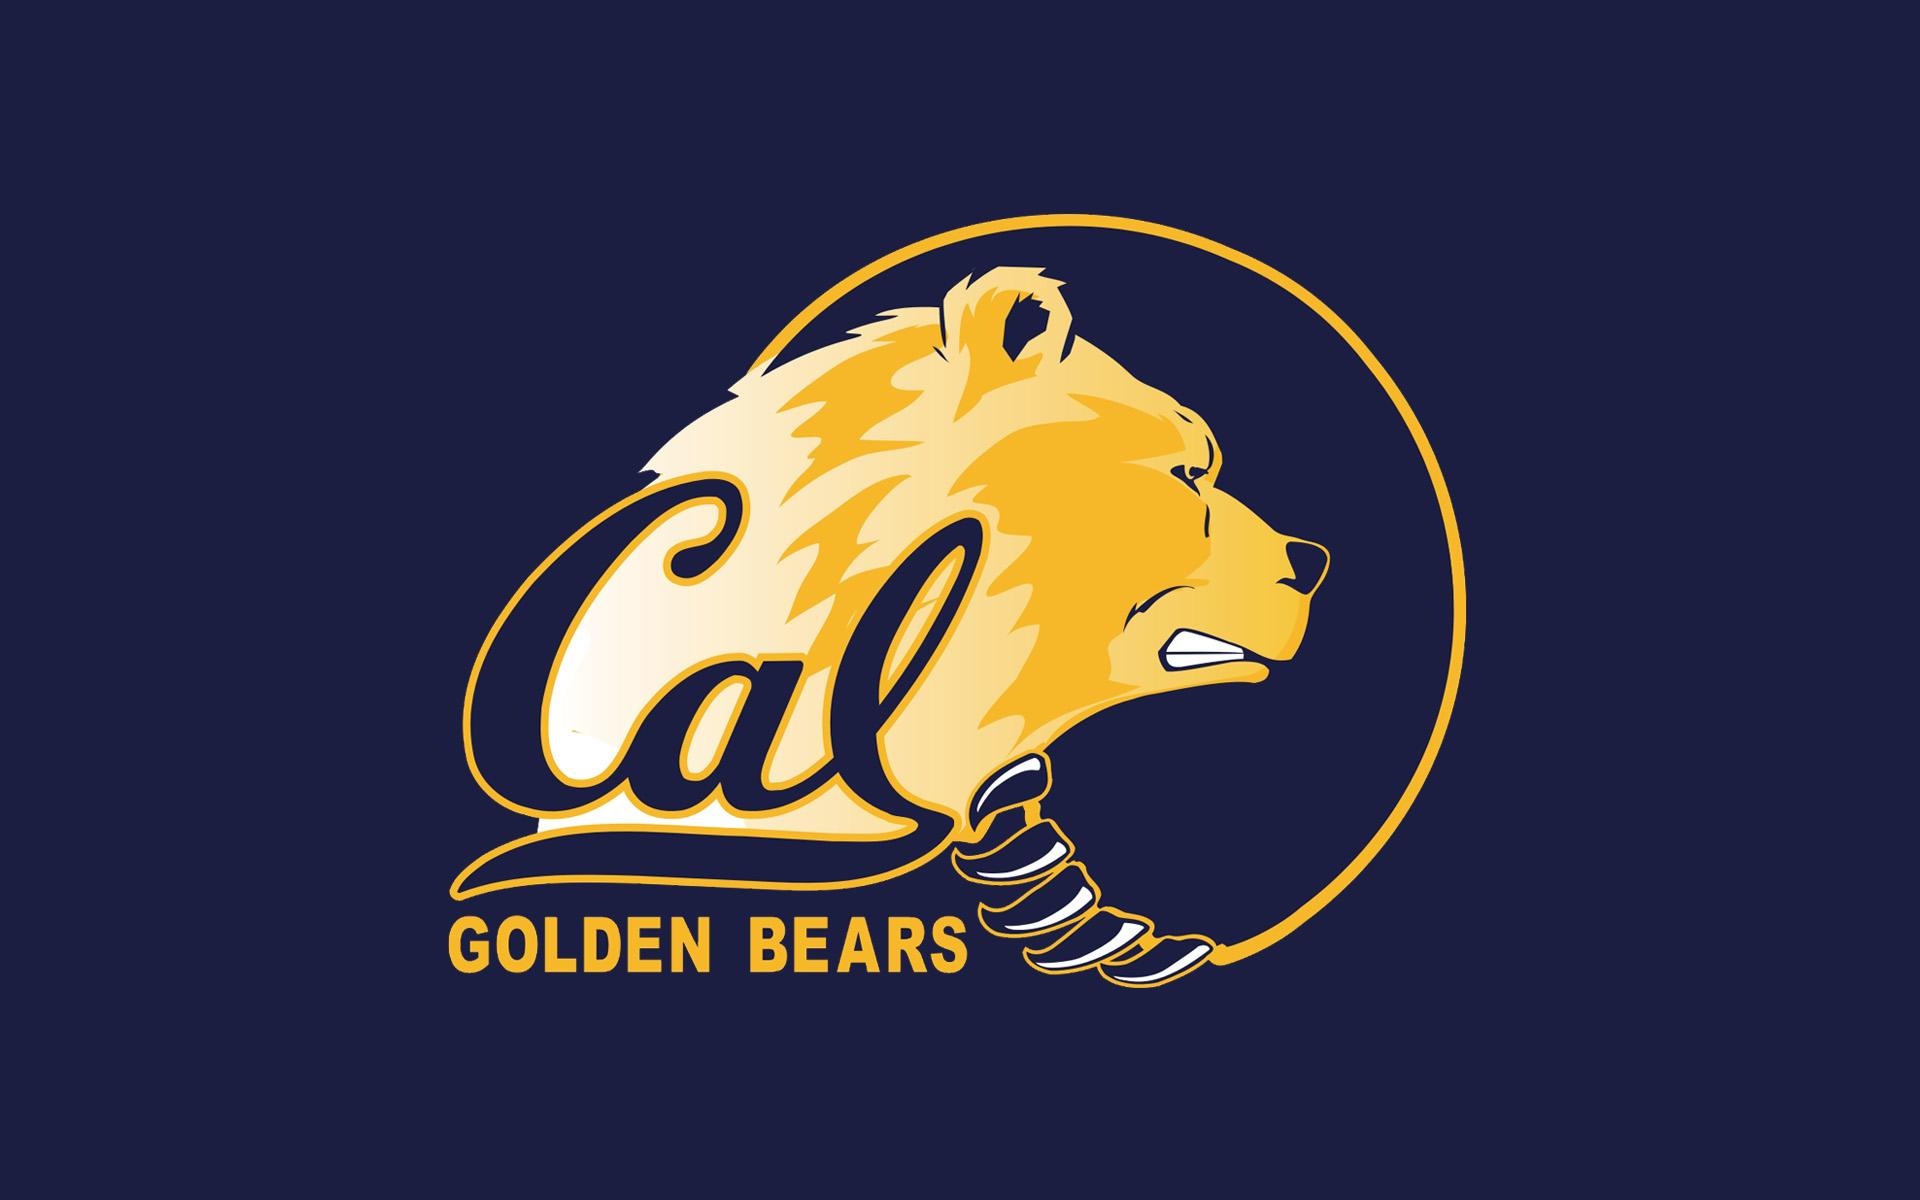 Cal Bears Wallpaper Wallpapersafari